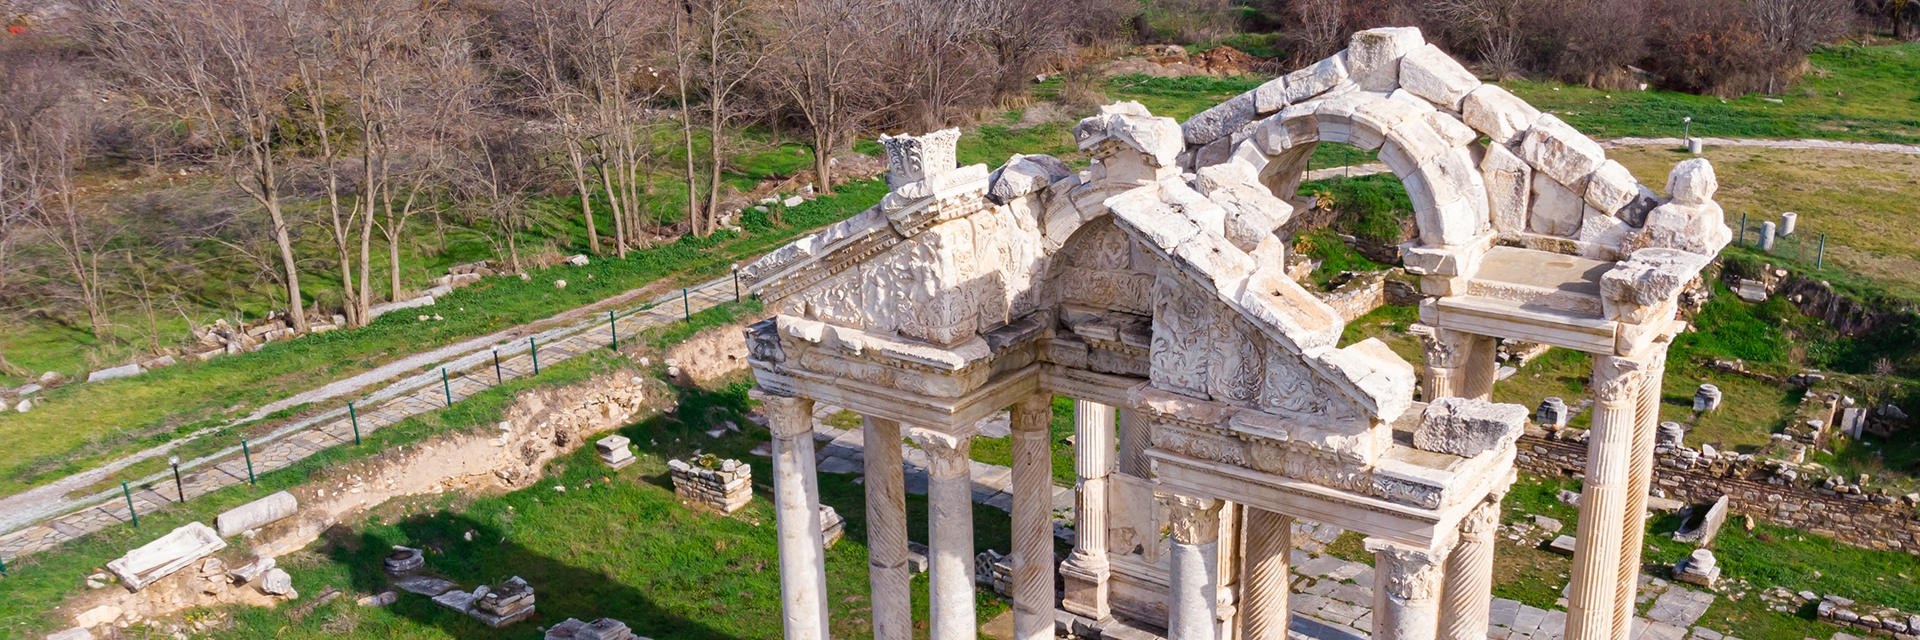 Dünya Mirası Olma Bilinci ve Alan Yönetimi Ofisleri